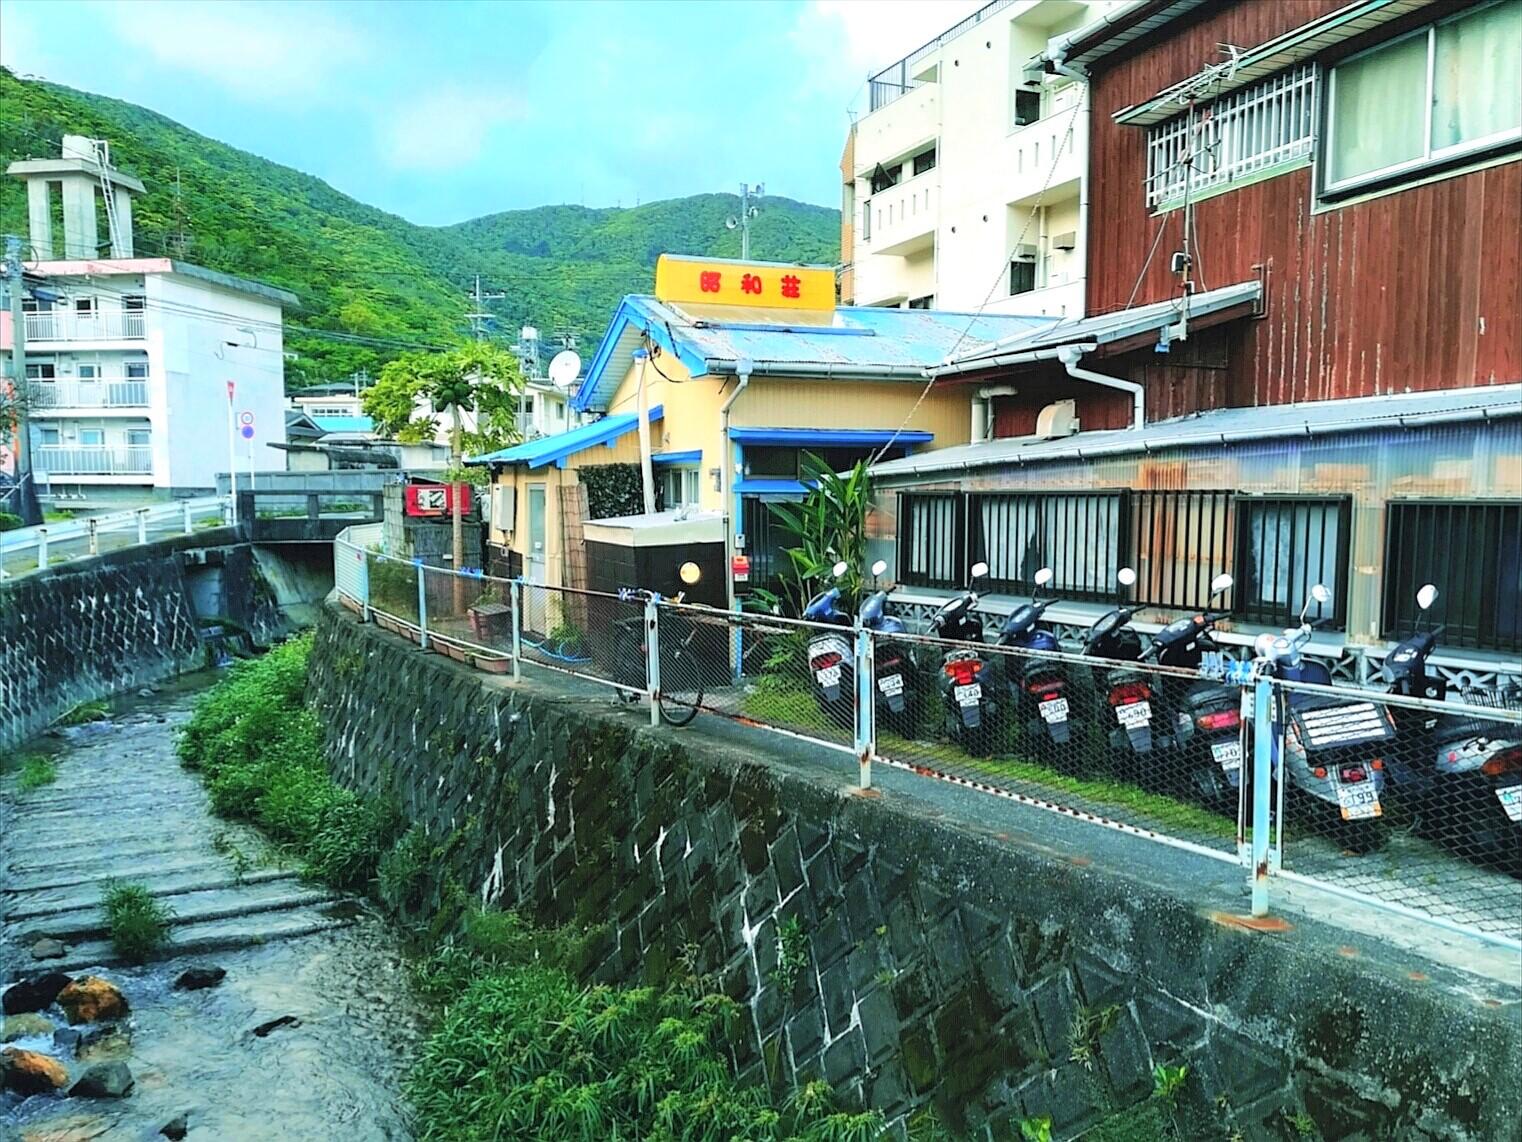 奄美大島ゲストハウス&レンタルバイク「昭和荘」<奄美大島> image